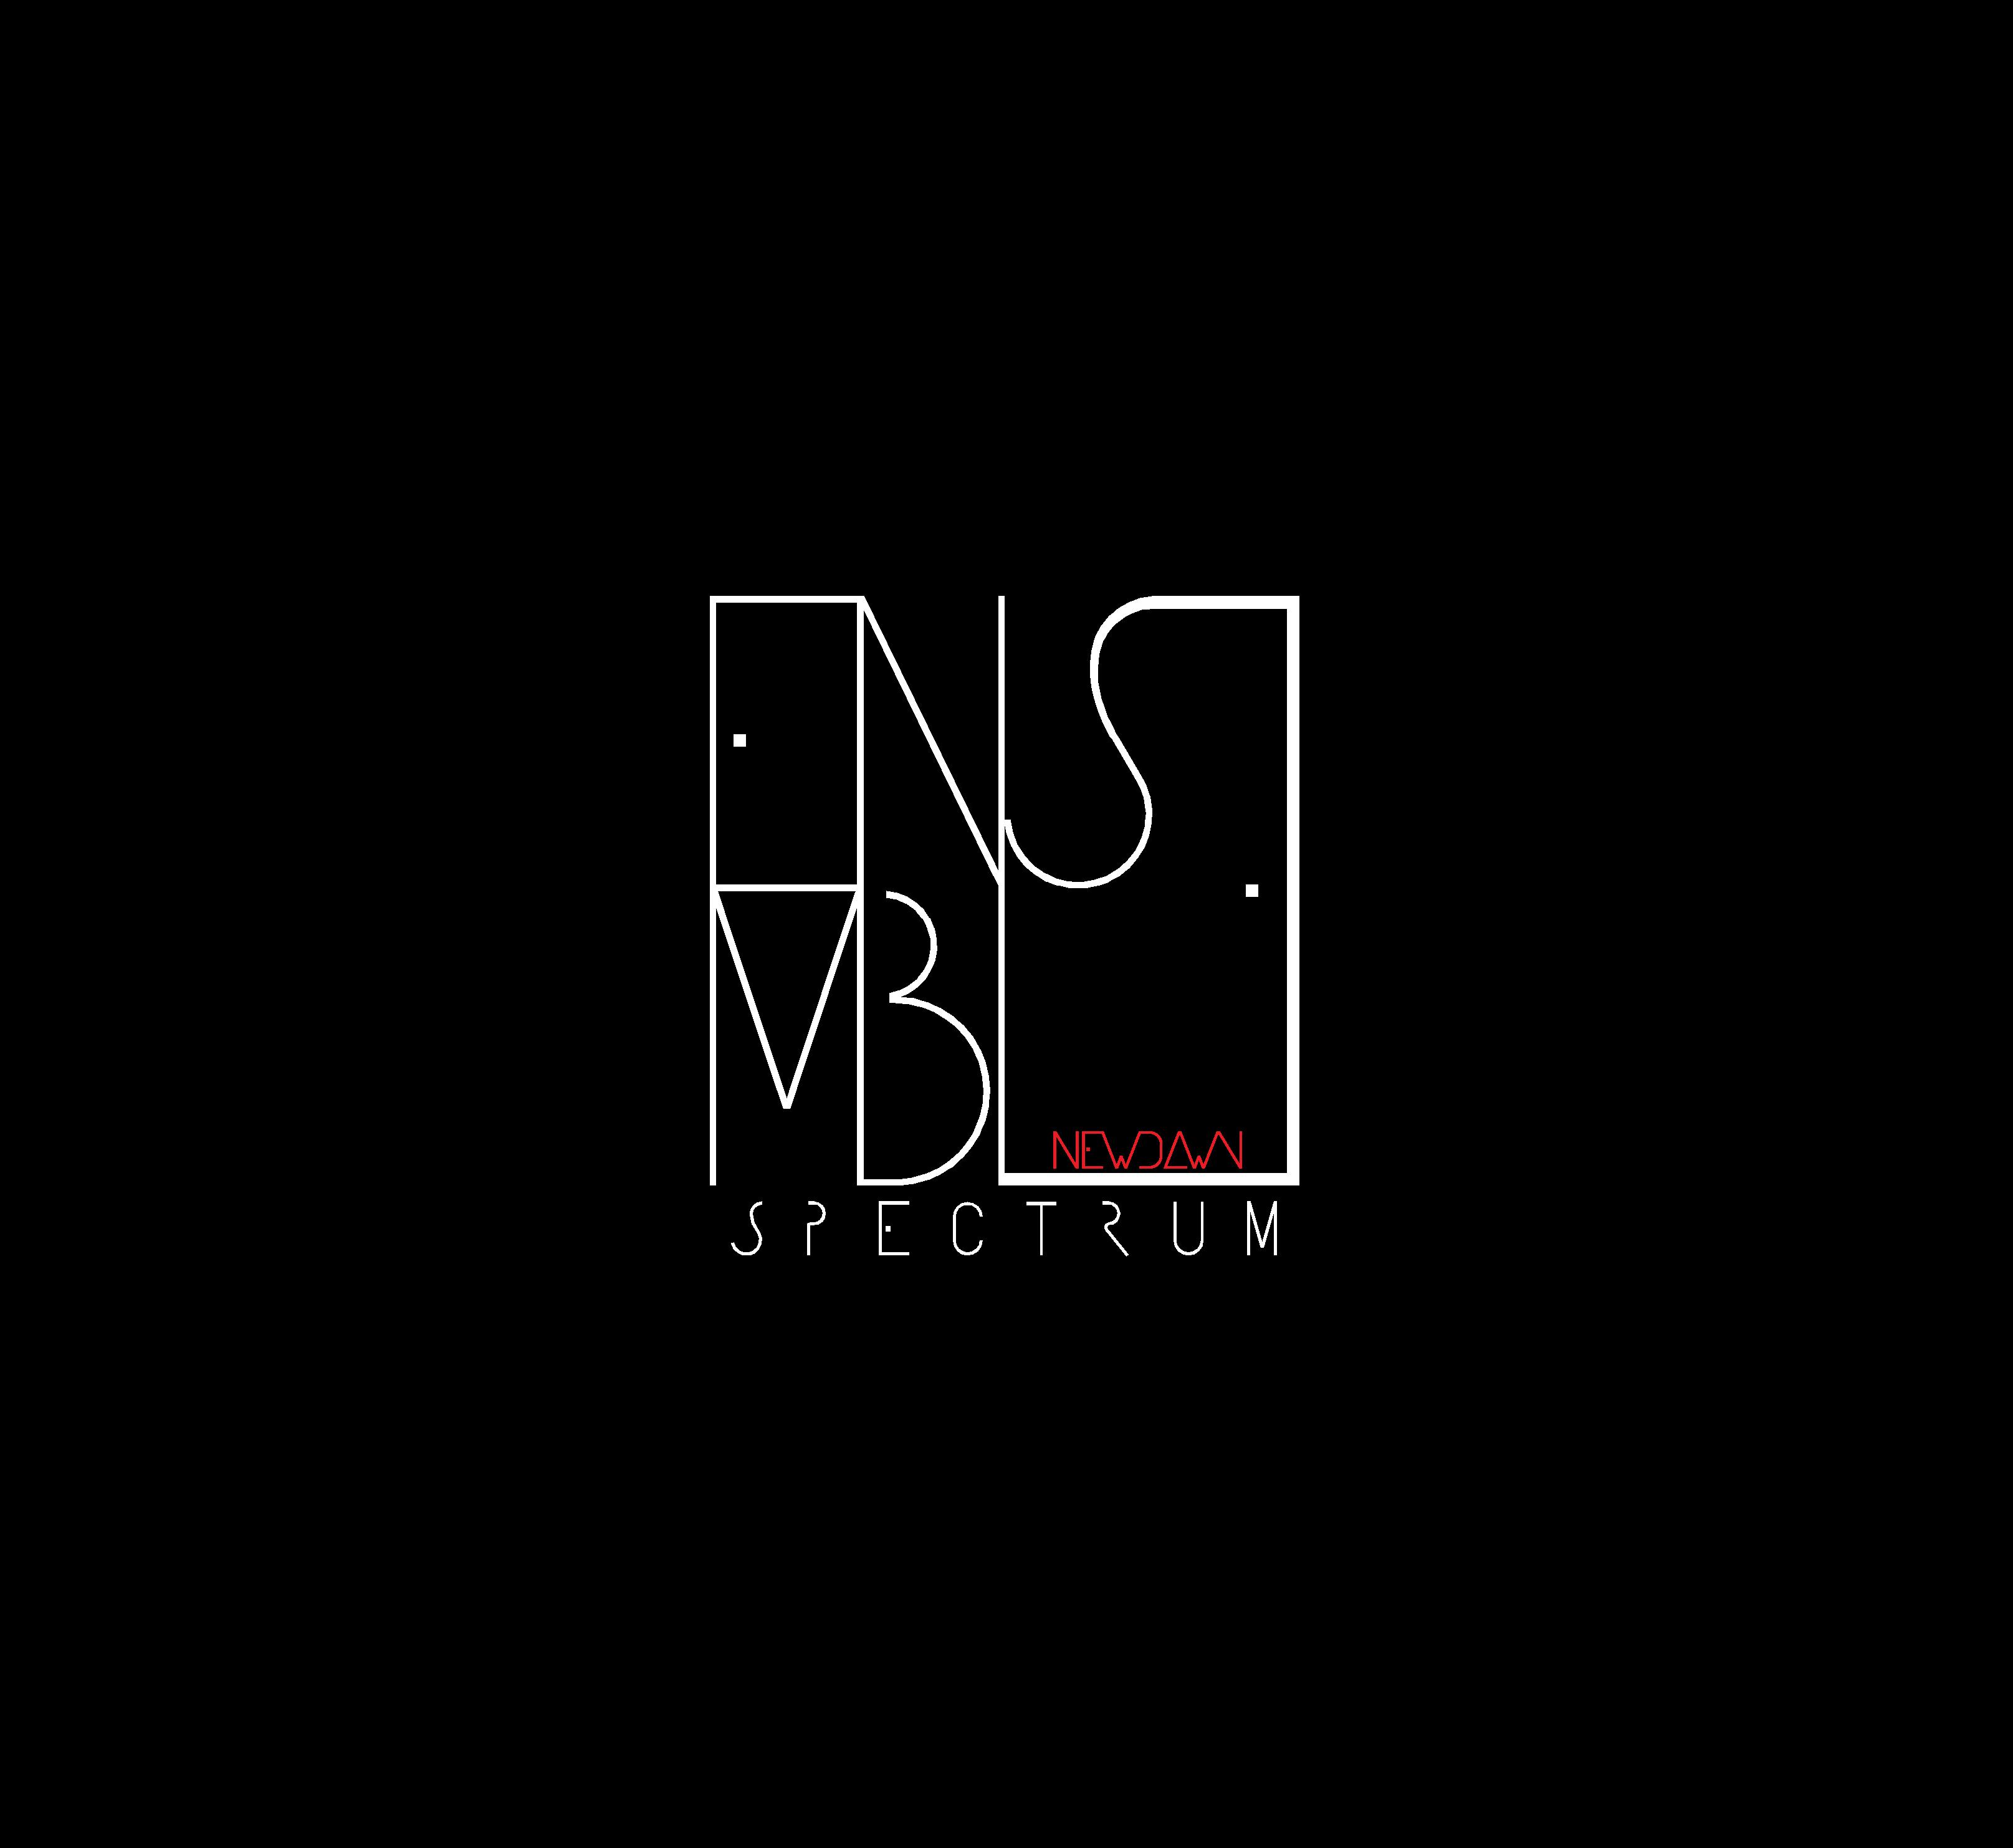 logo Viewjpg